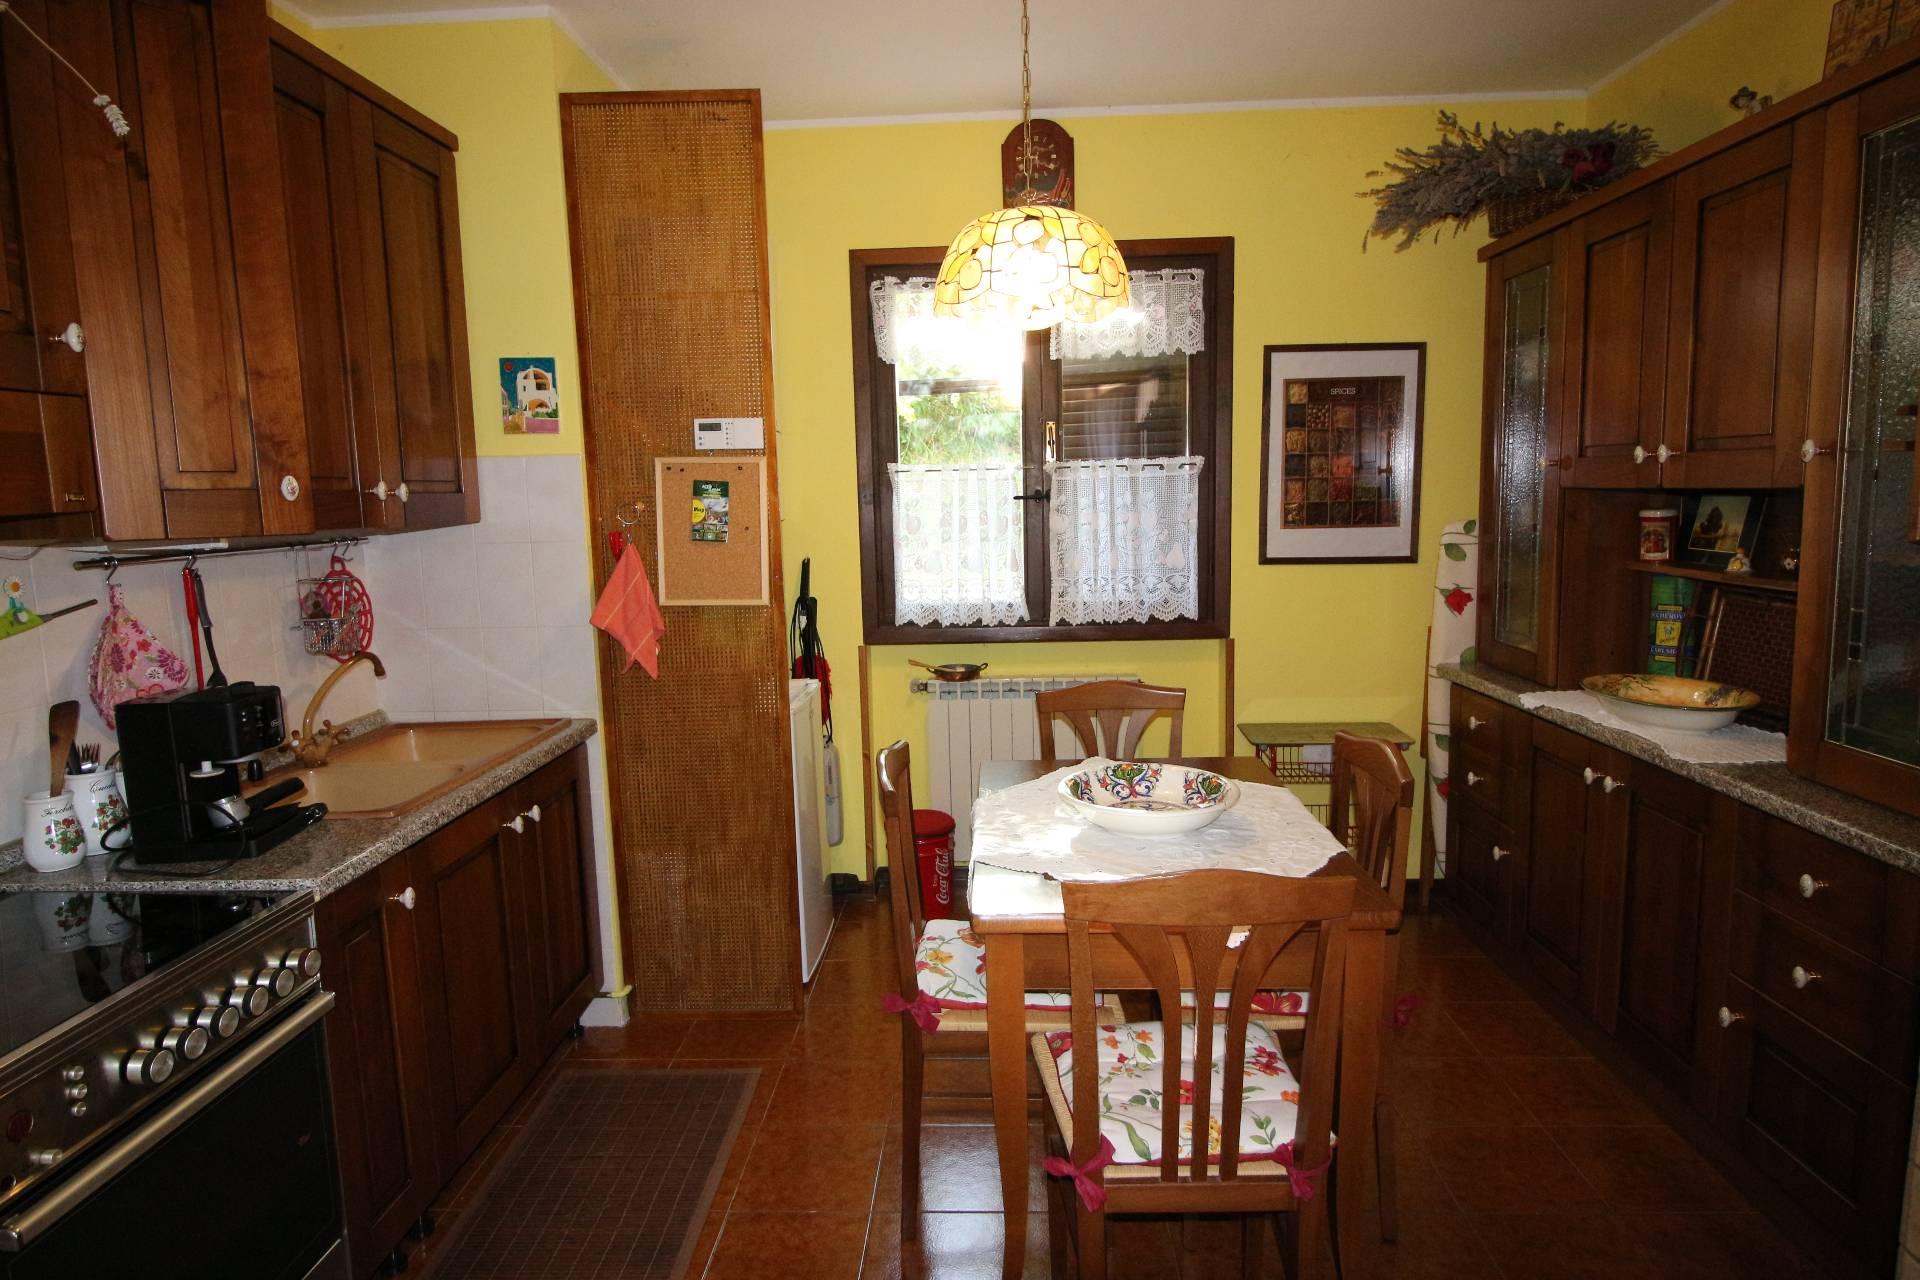 Appartamento in vendita a Fano Adriano, 2 locali, prezzo € 65.000 | Cambio Casa.it